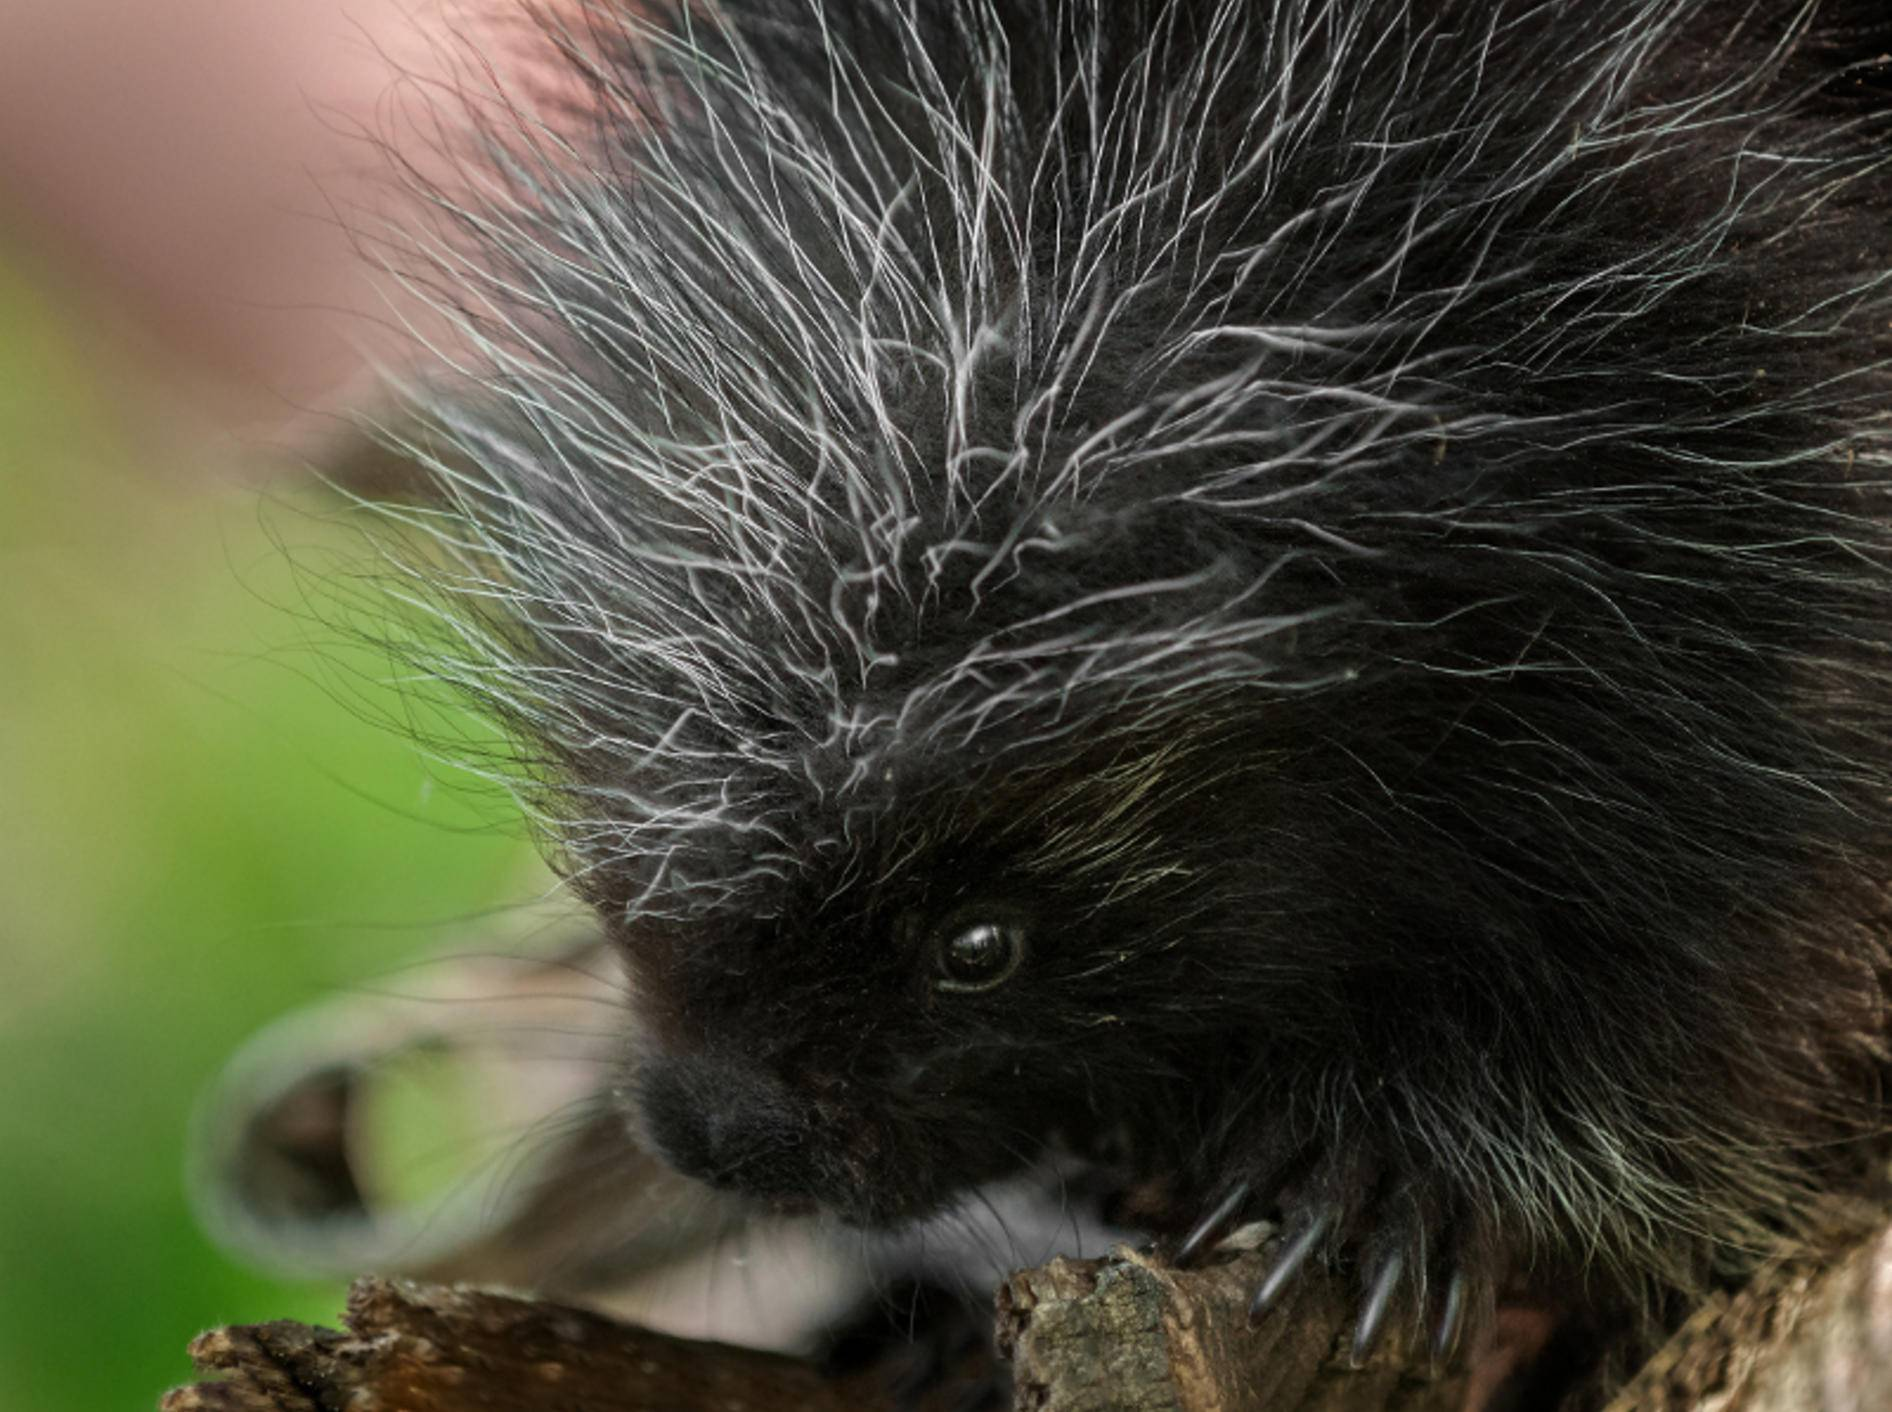 """""""Hallöchen, ich bin ein Stachelschwein! Über mich gibt es vieles zu erfahren!"""" – Bild: Shutterstock / Geoffrey Kuchera"""